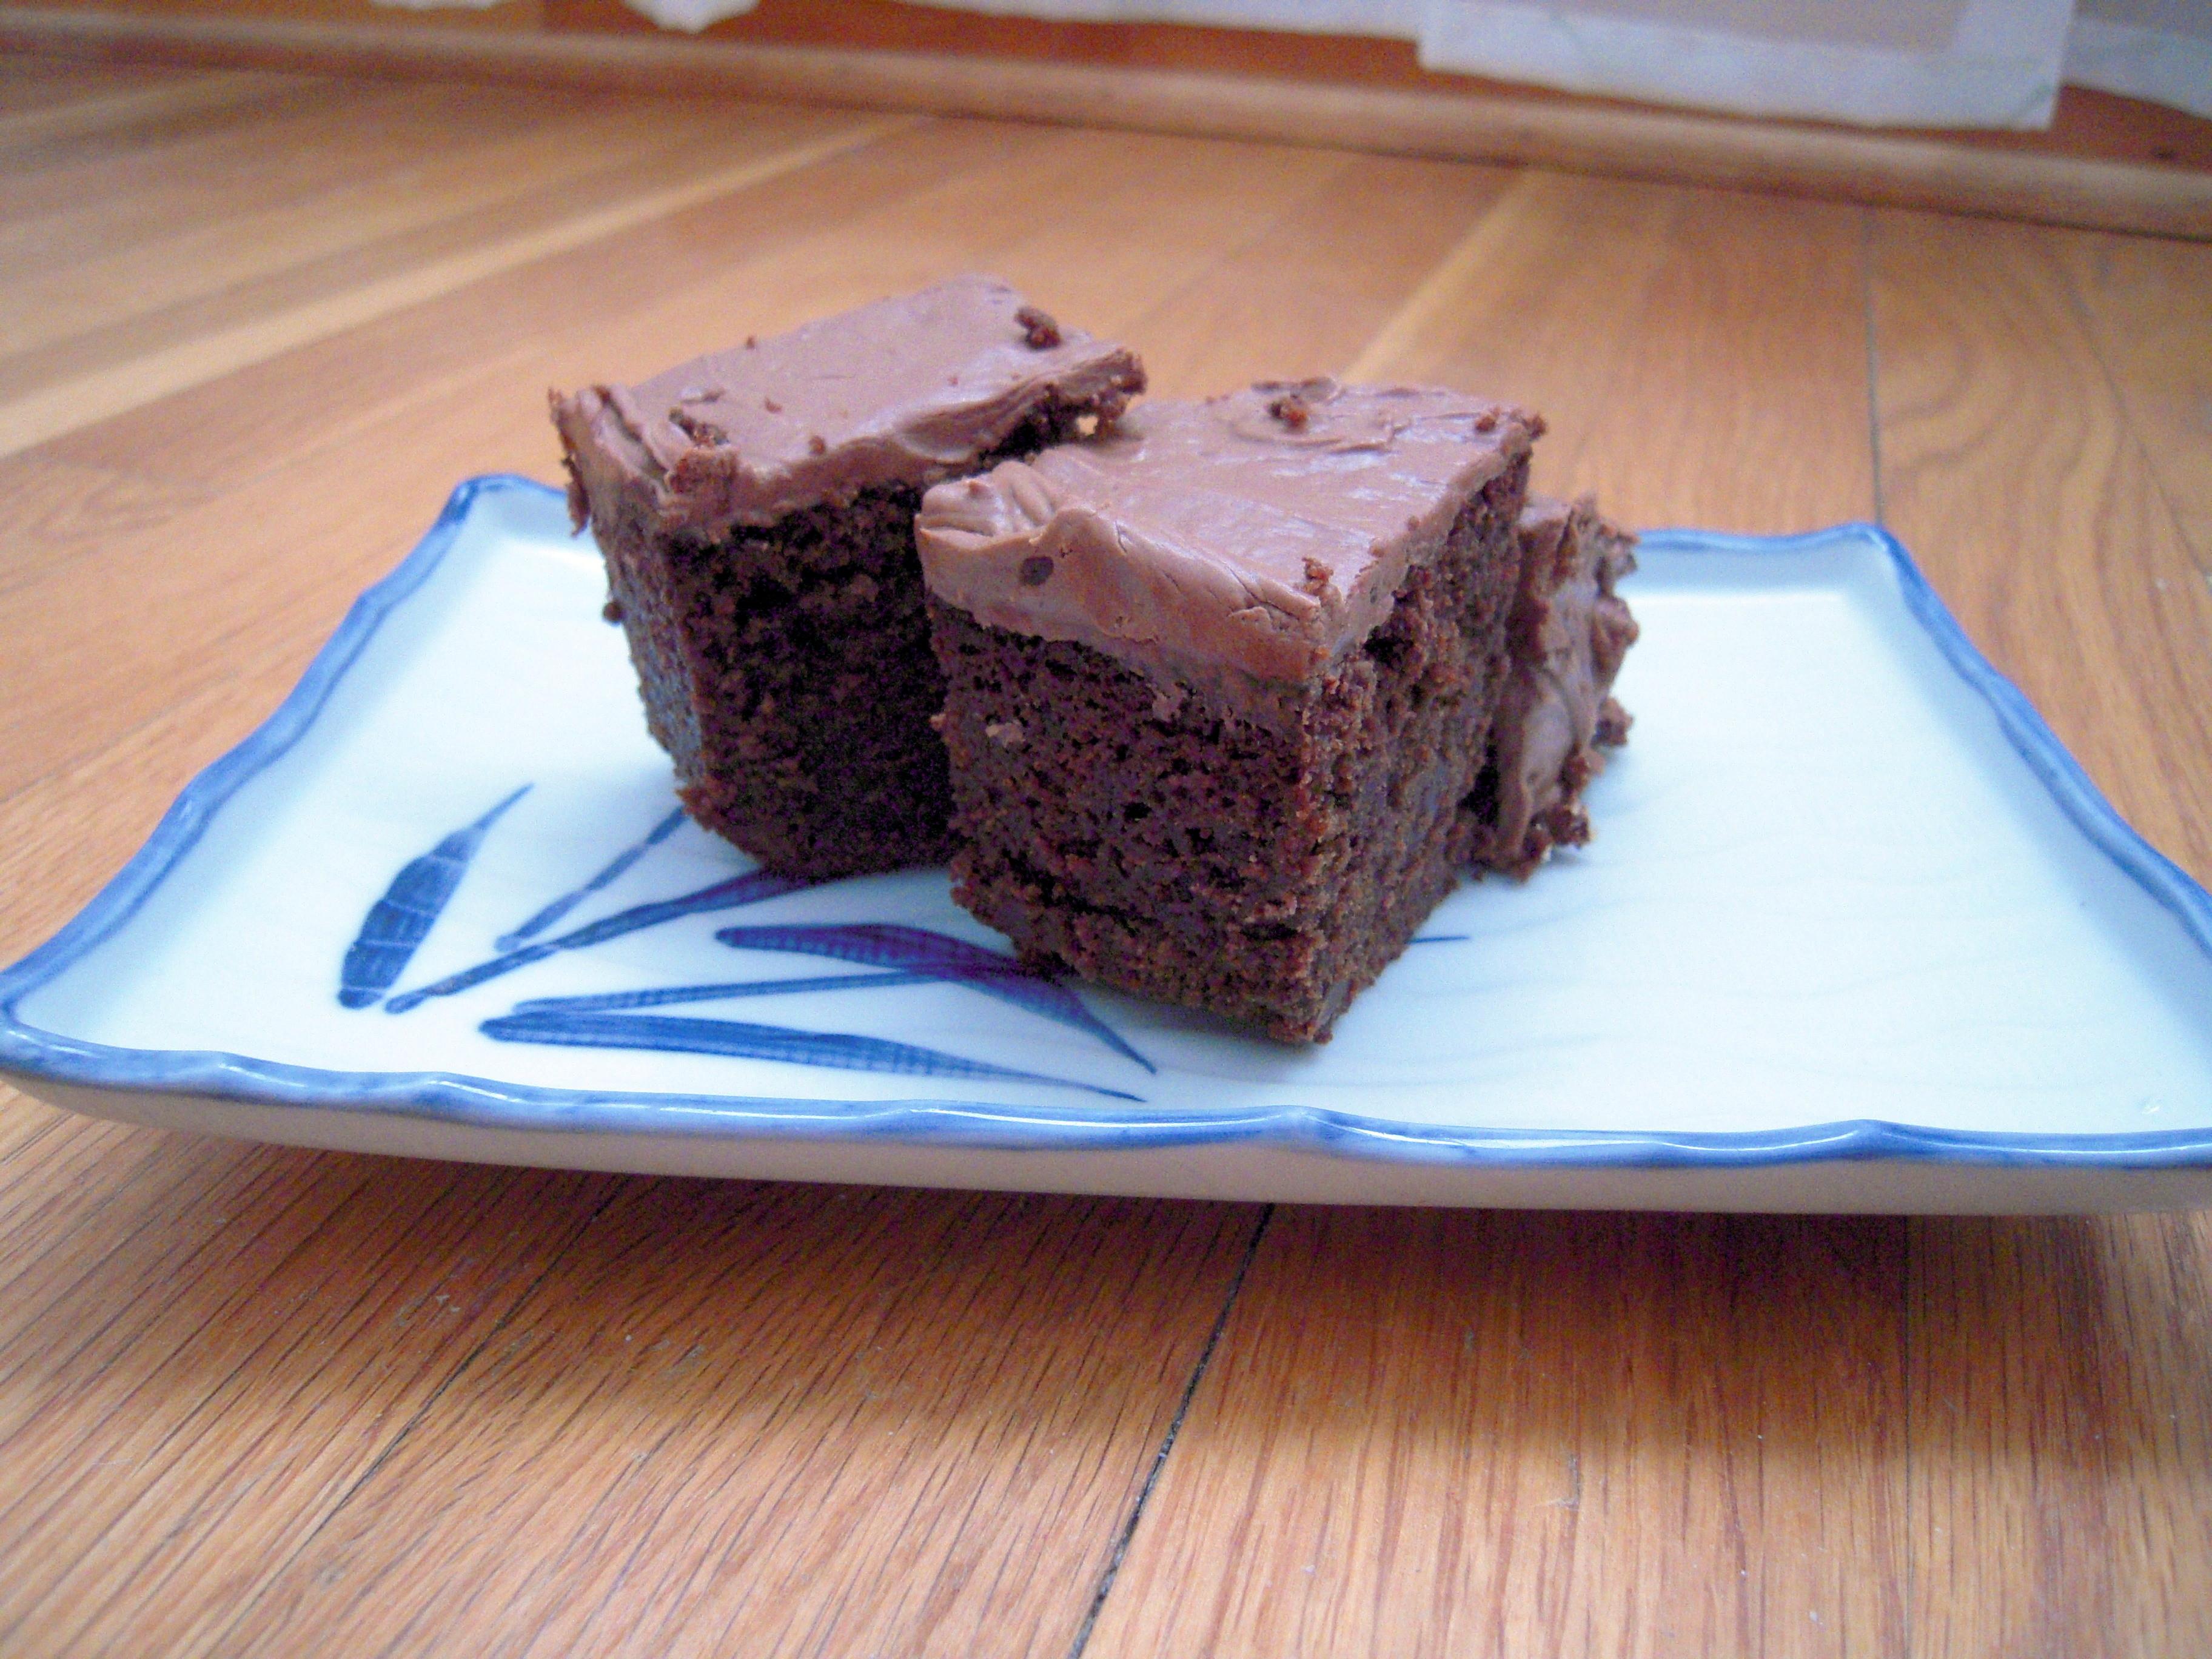 Cake Like Brownies  Best Cake like Brownies